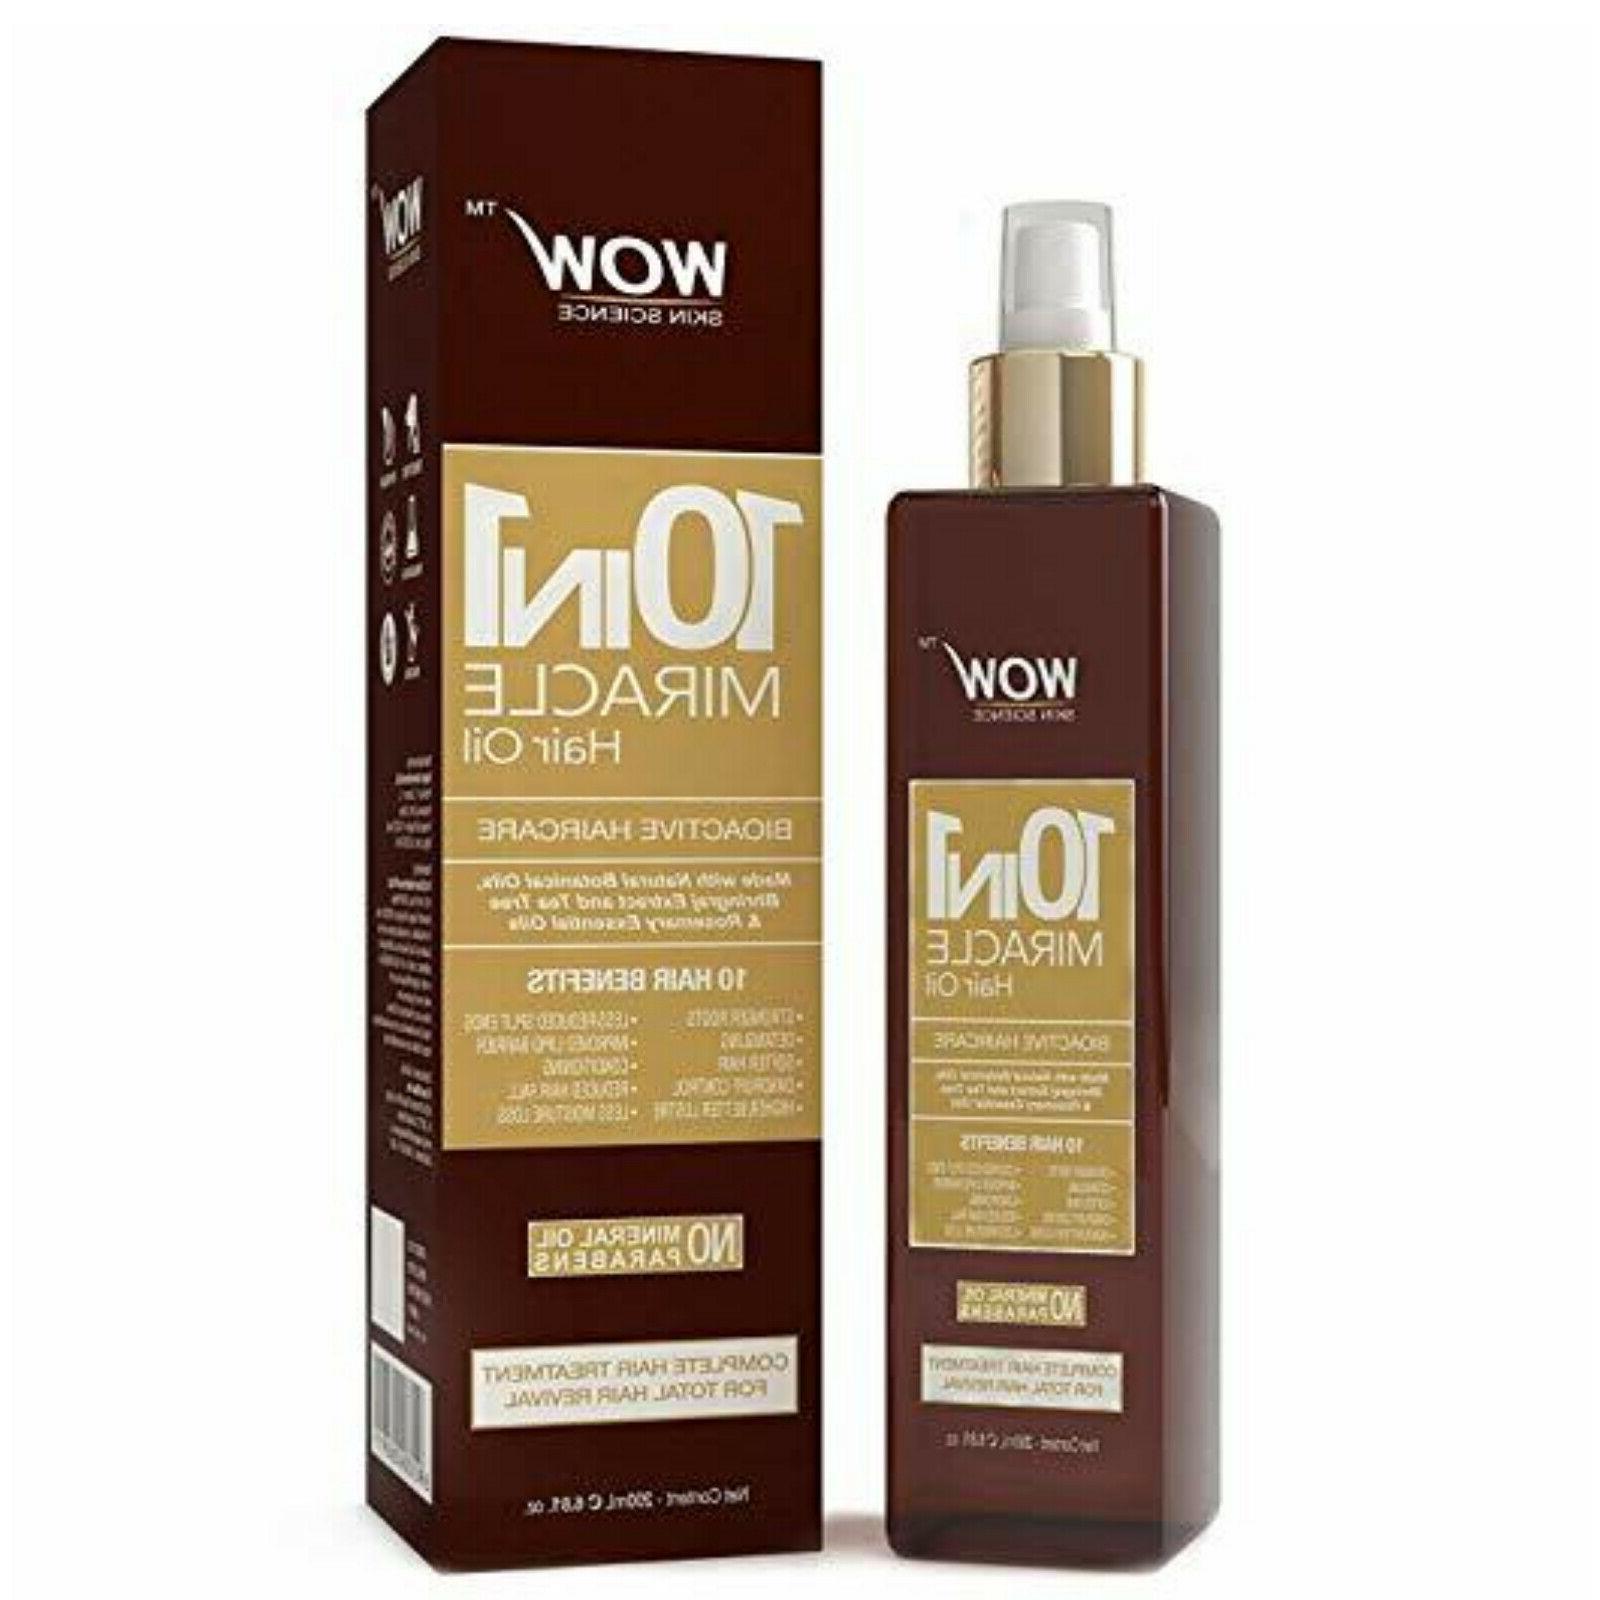 wow argan hair oil growth treatment